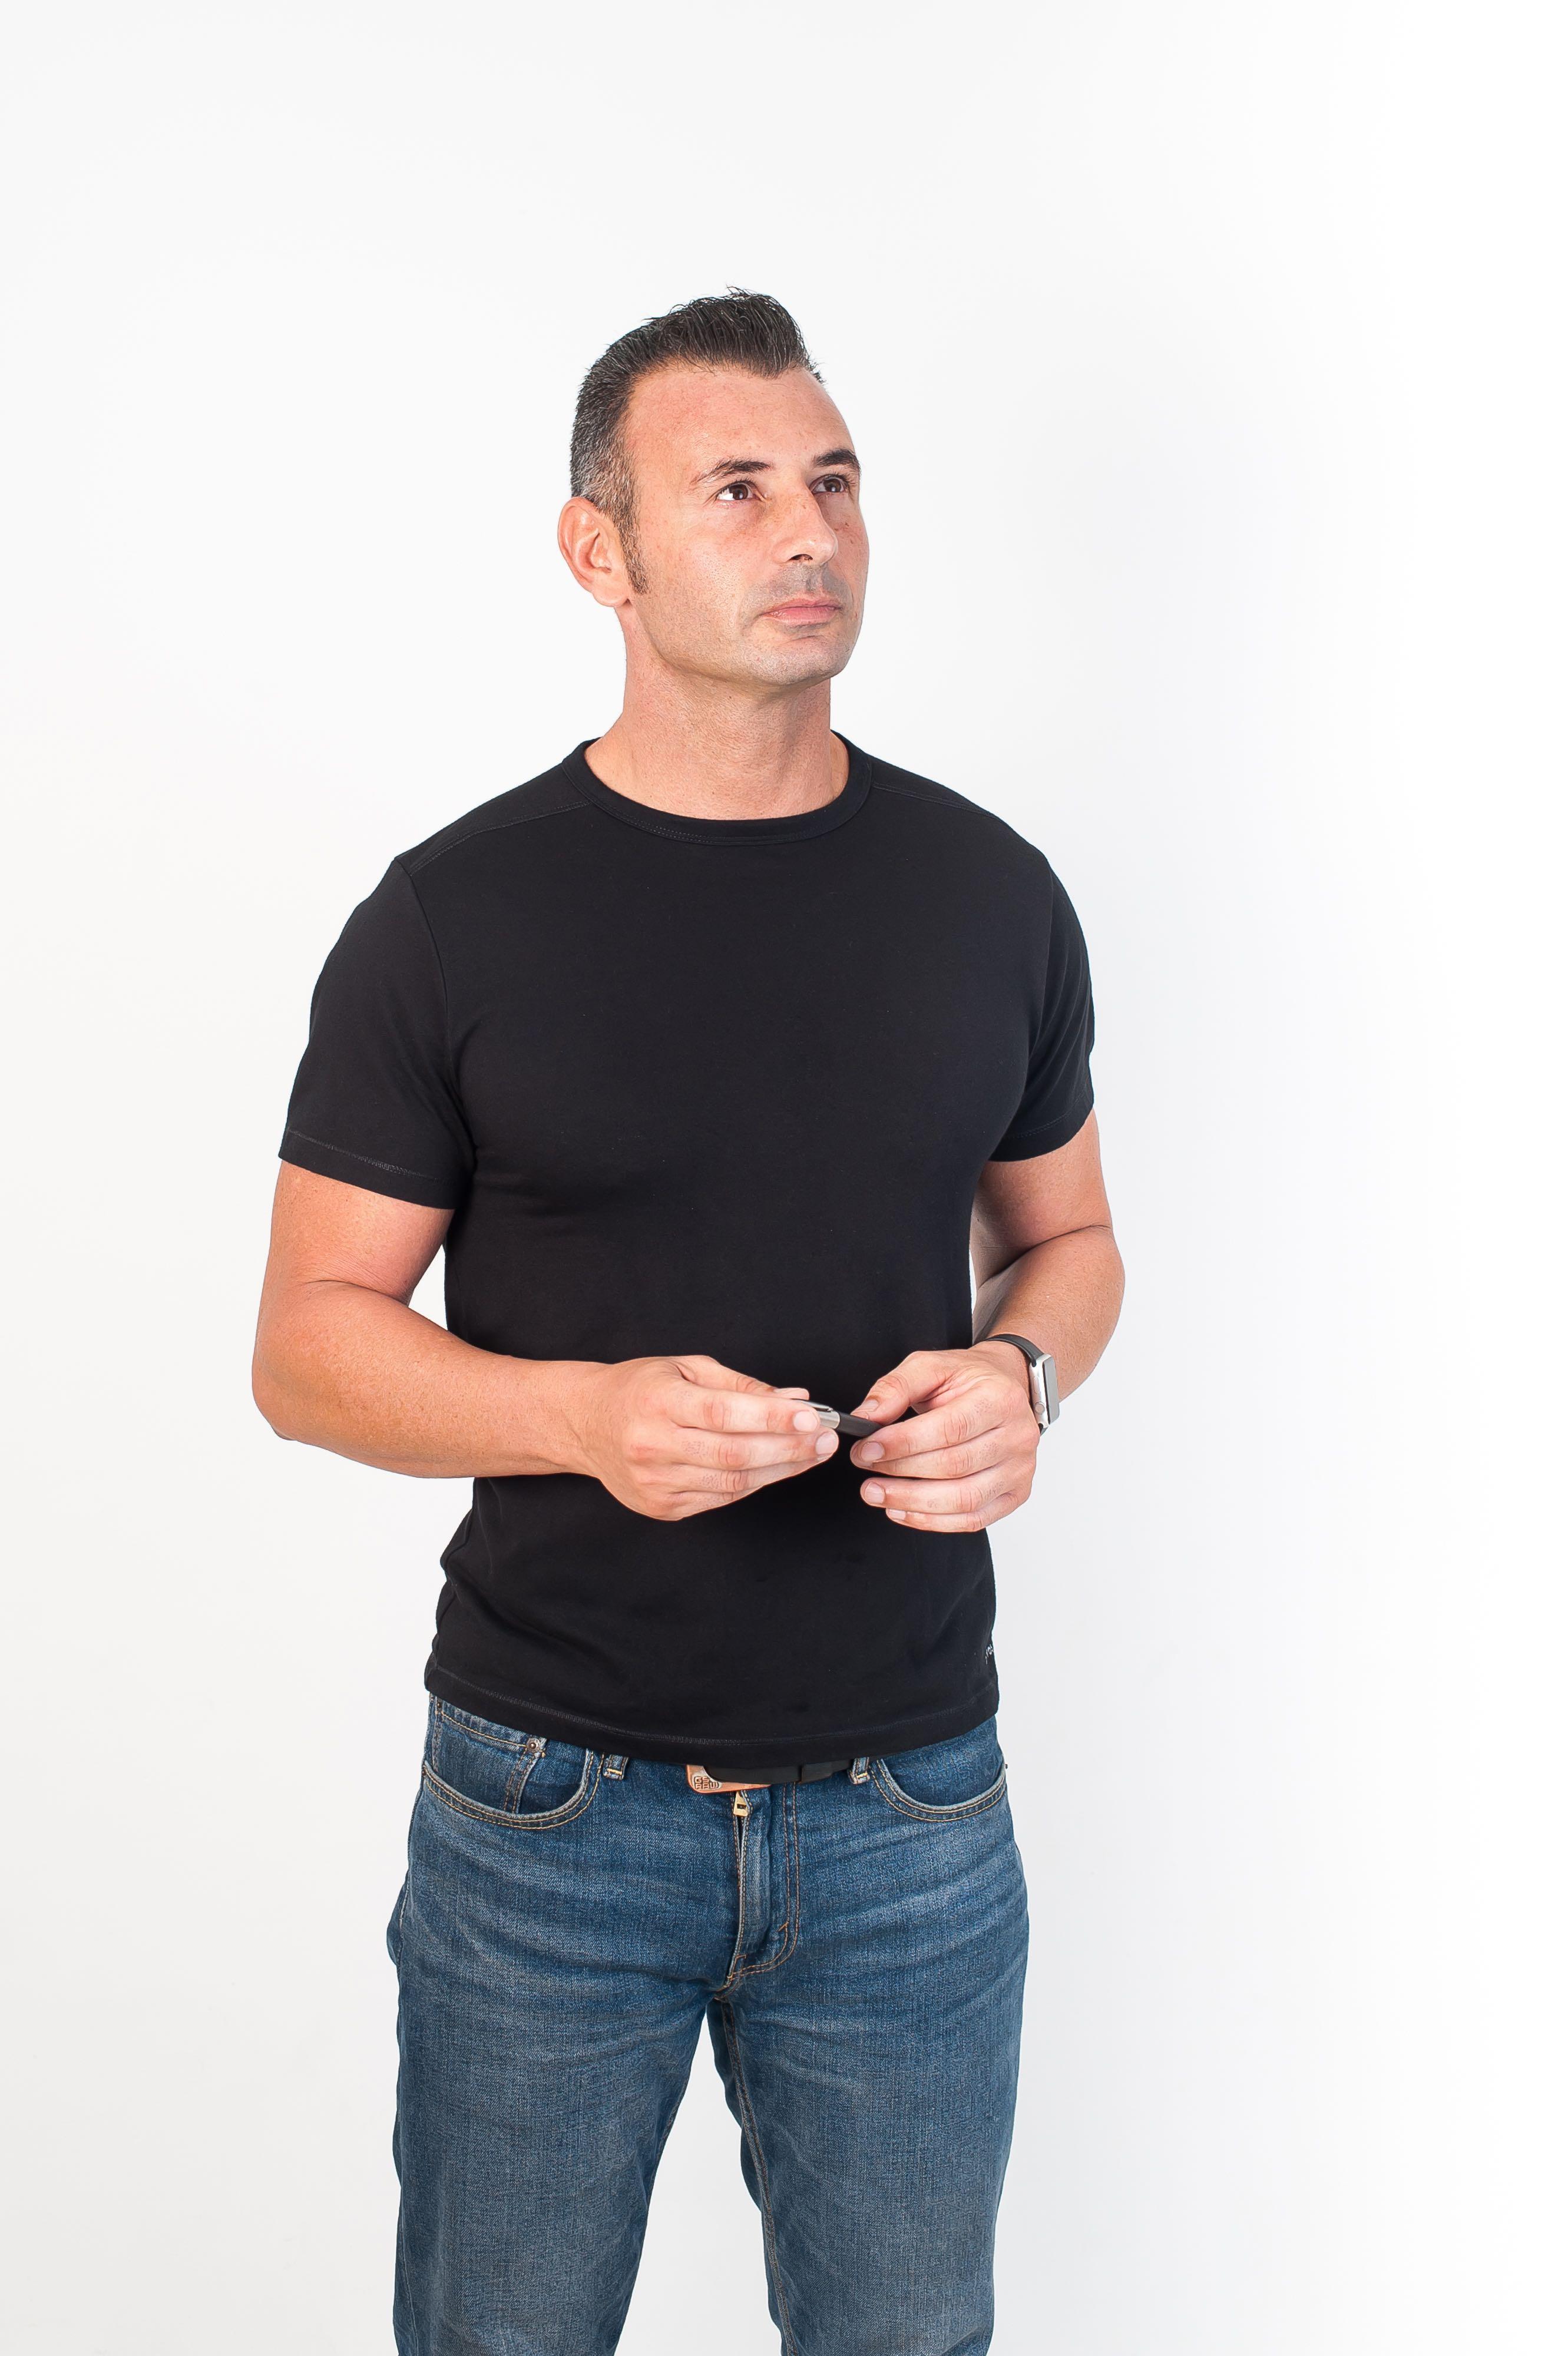 Enrique Hernandez Nuez consultor de empresas y emprendedores